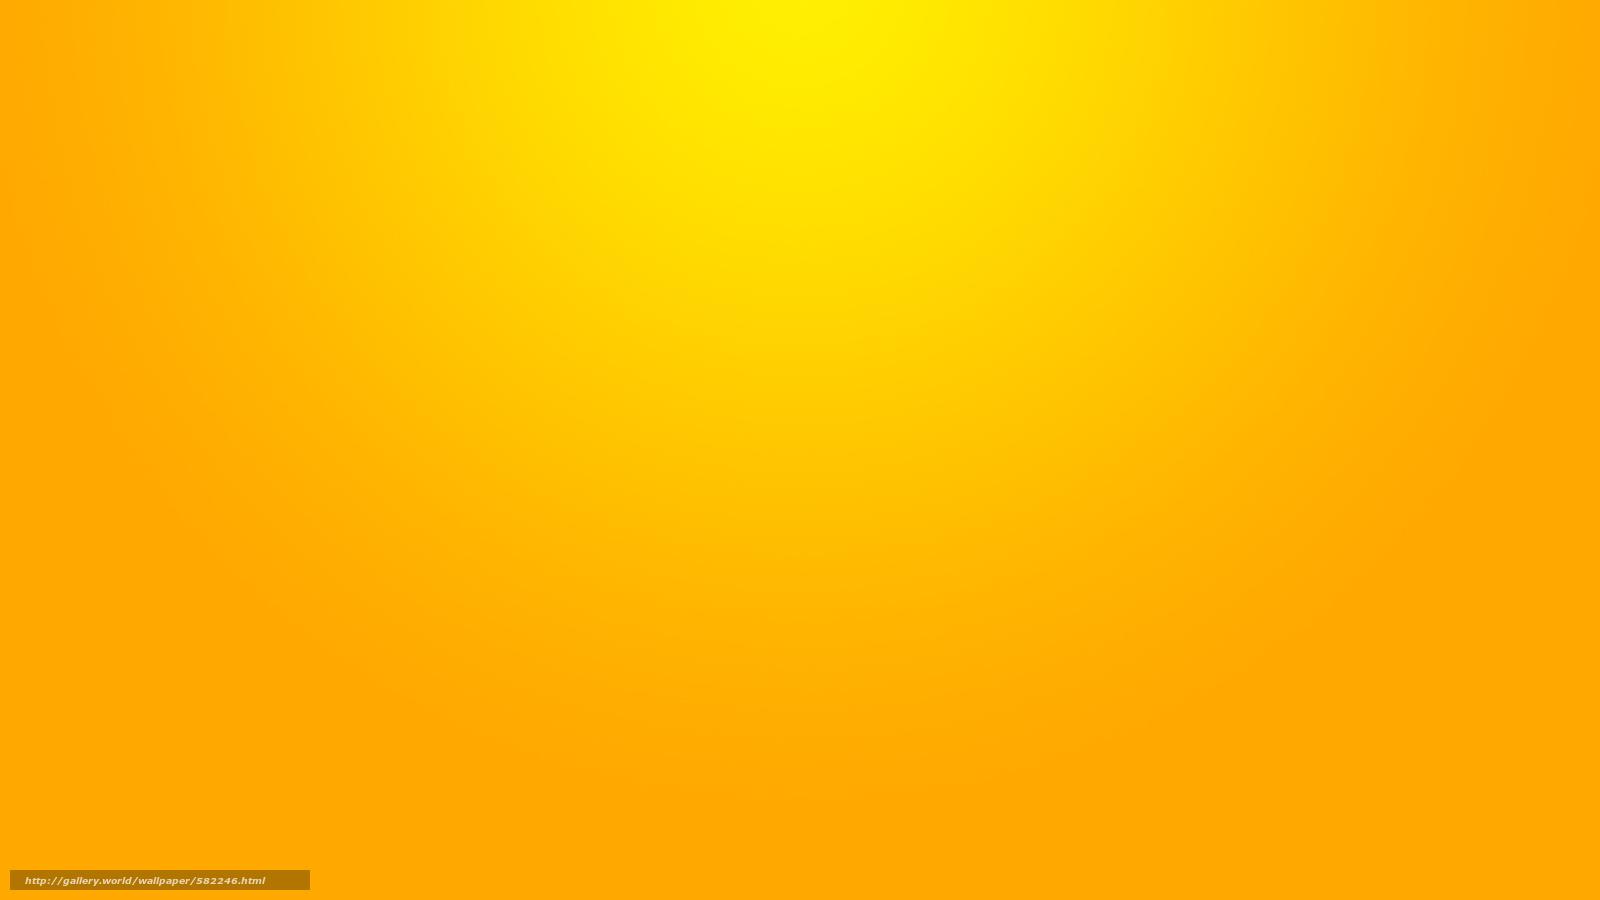 بالصور خلفية صفراء , اجمل الخلفيات باللون الاصفر 1158 5